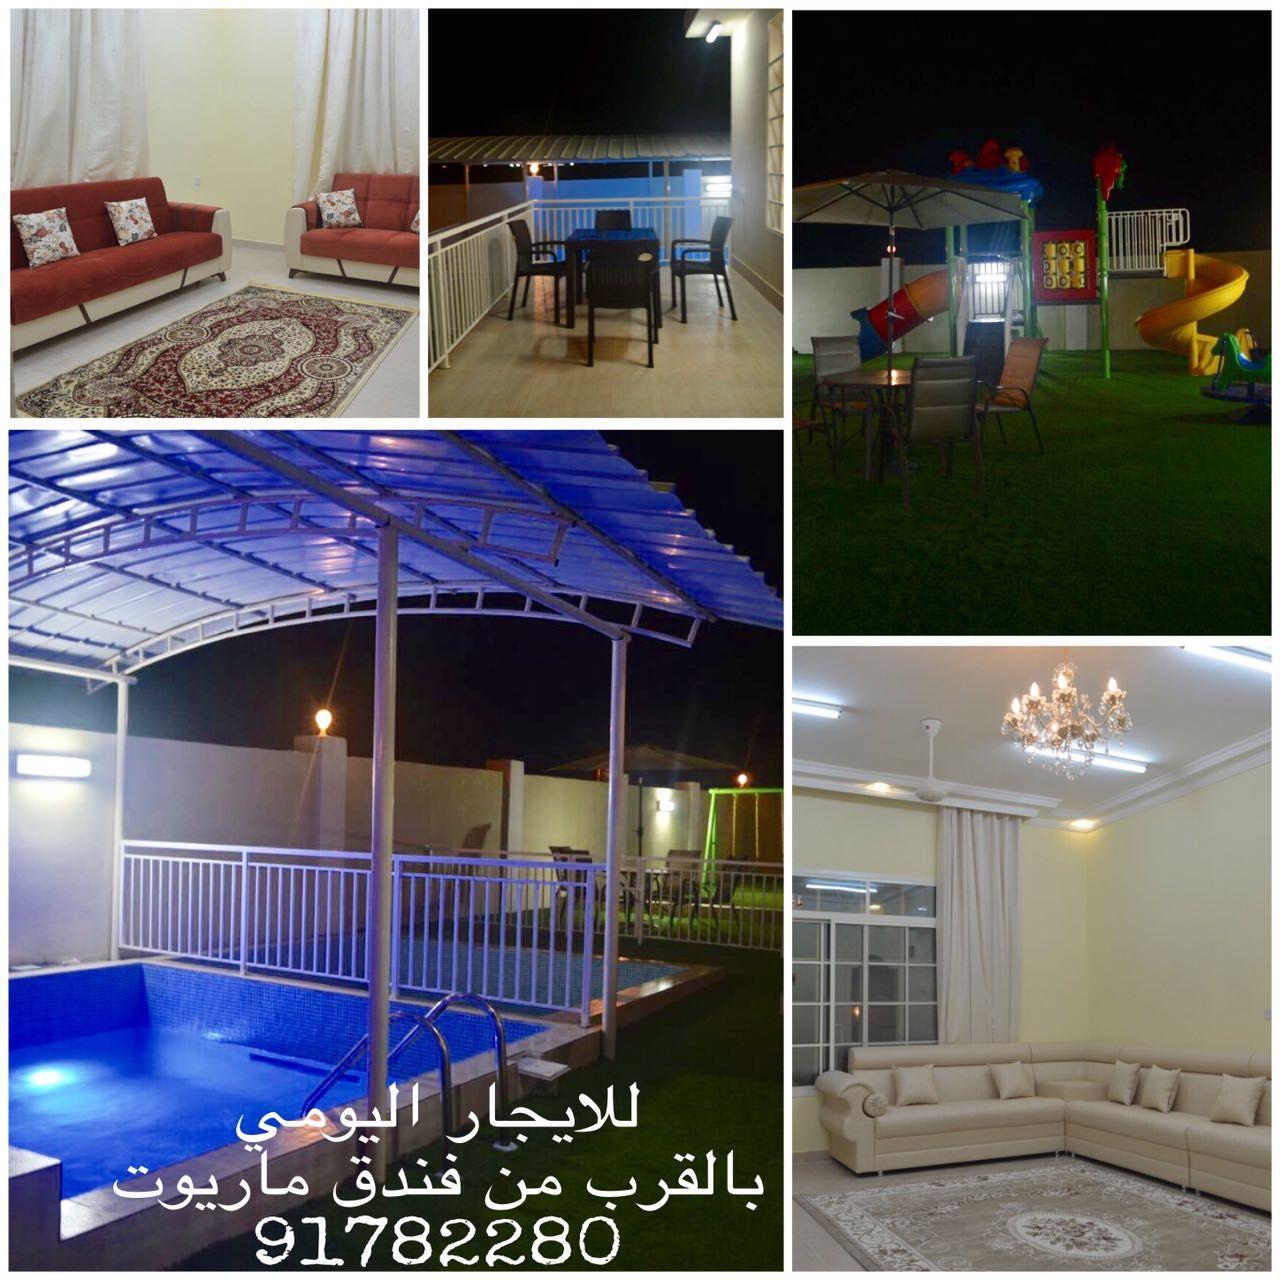 معلومات عن الاإعلان استراحة للايجار اليومي بجانب منتجع ماريوت مرباط Al Masah Rest Outdoor Structures Tennis Court Pergola